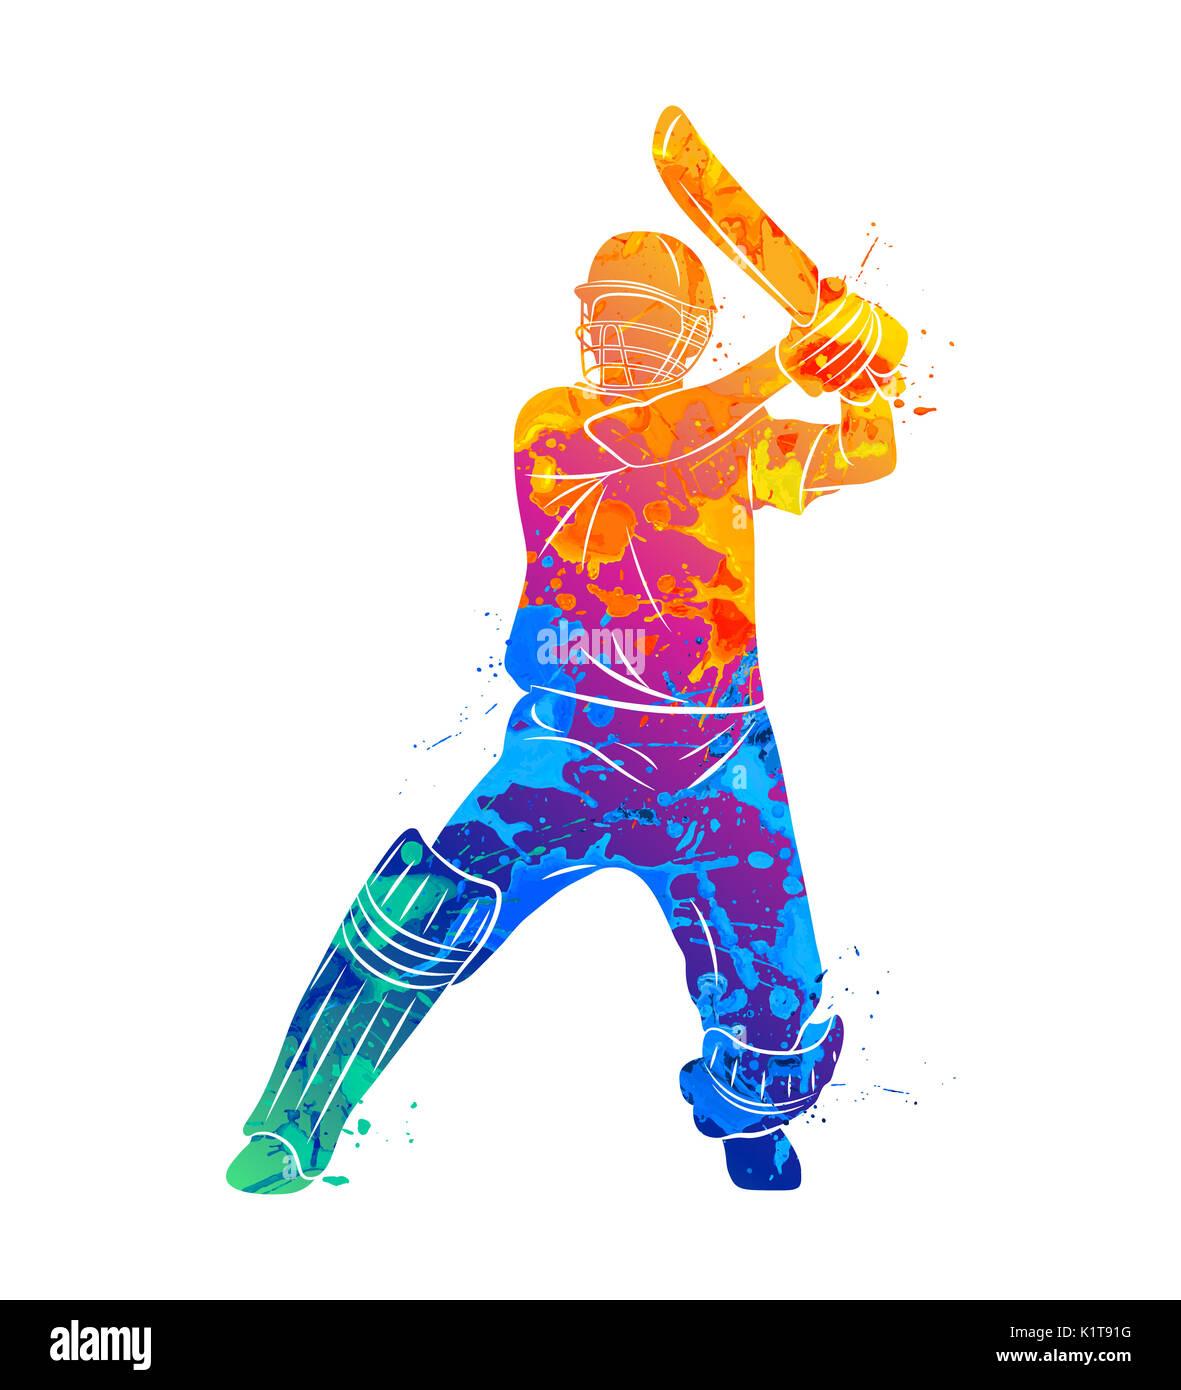 Abstract batsman playing cricket - Stock Image